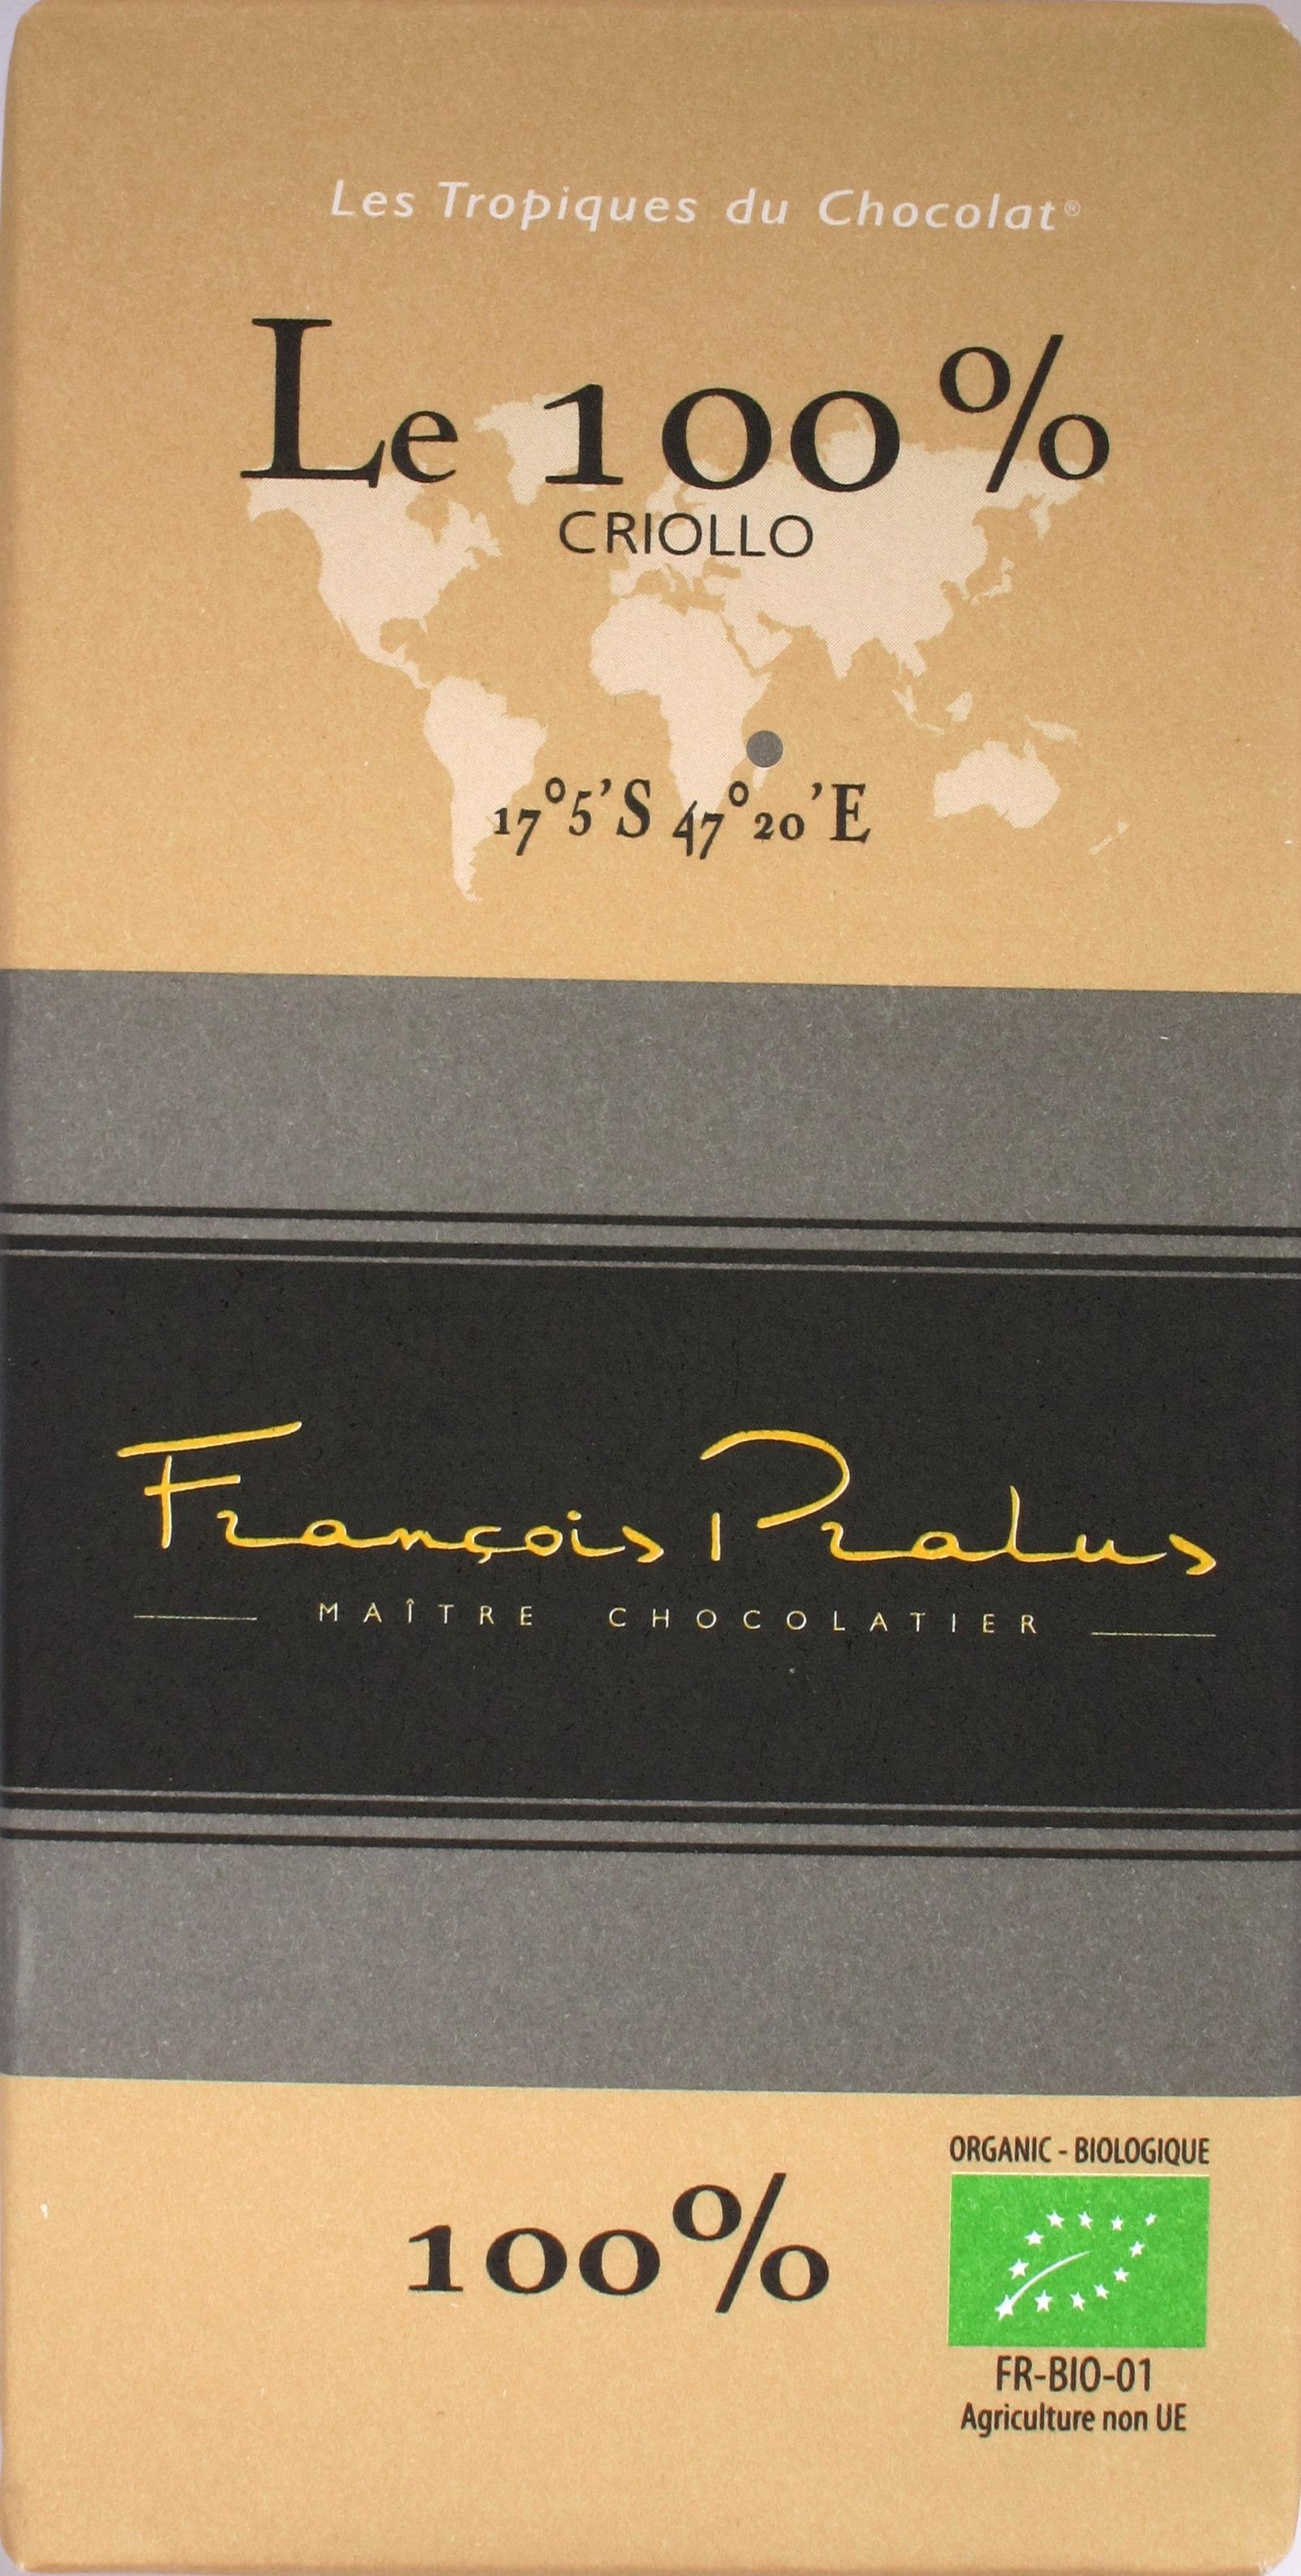 Francois Pralus Le 100%